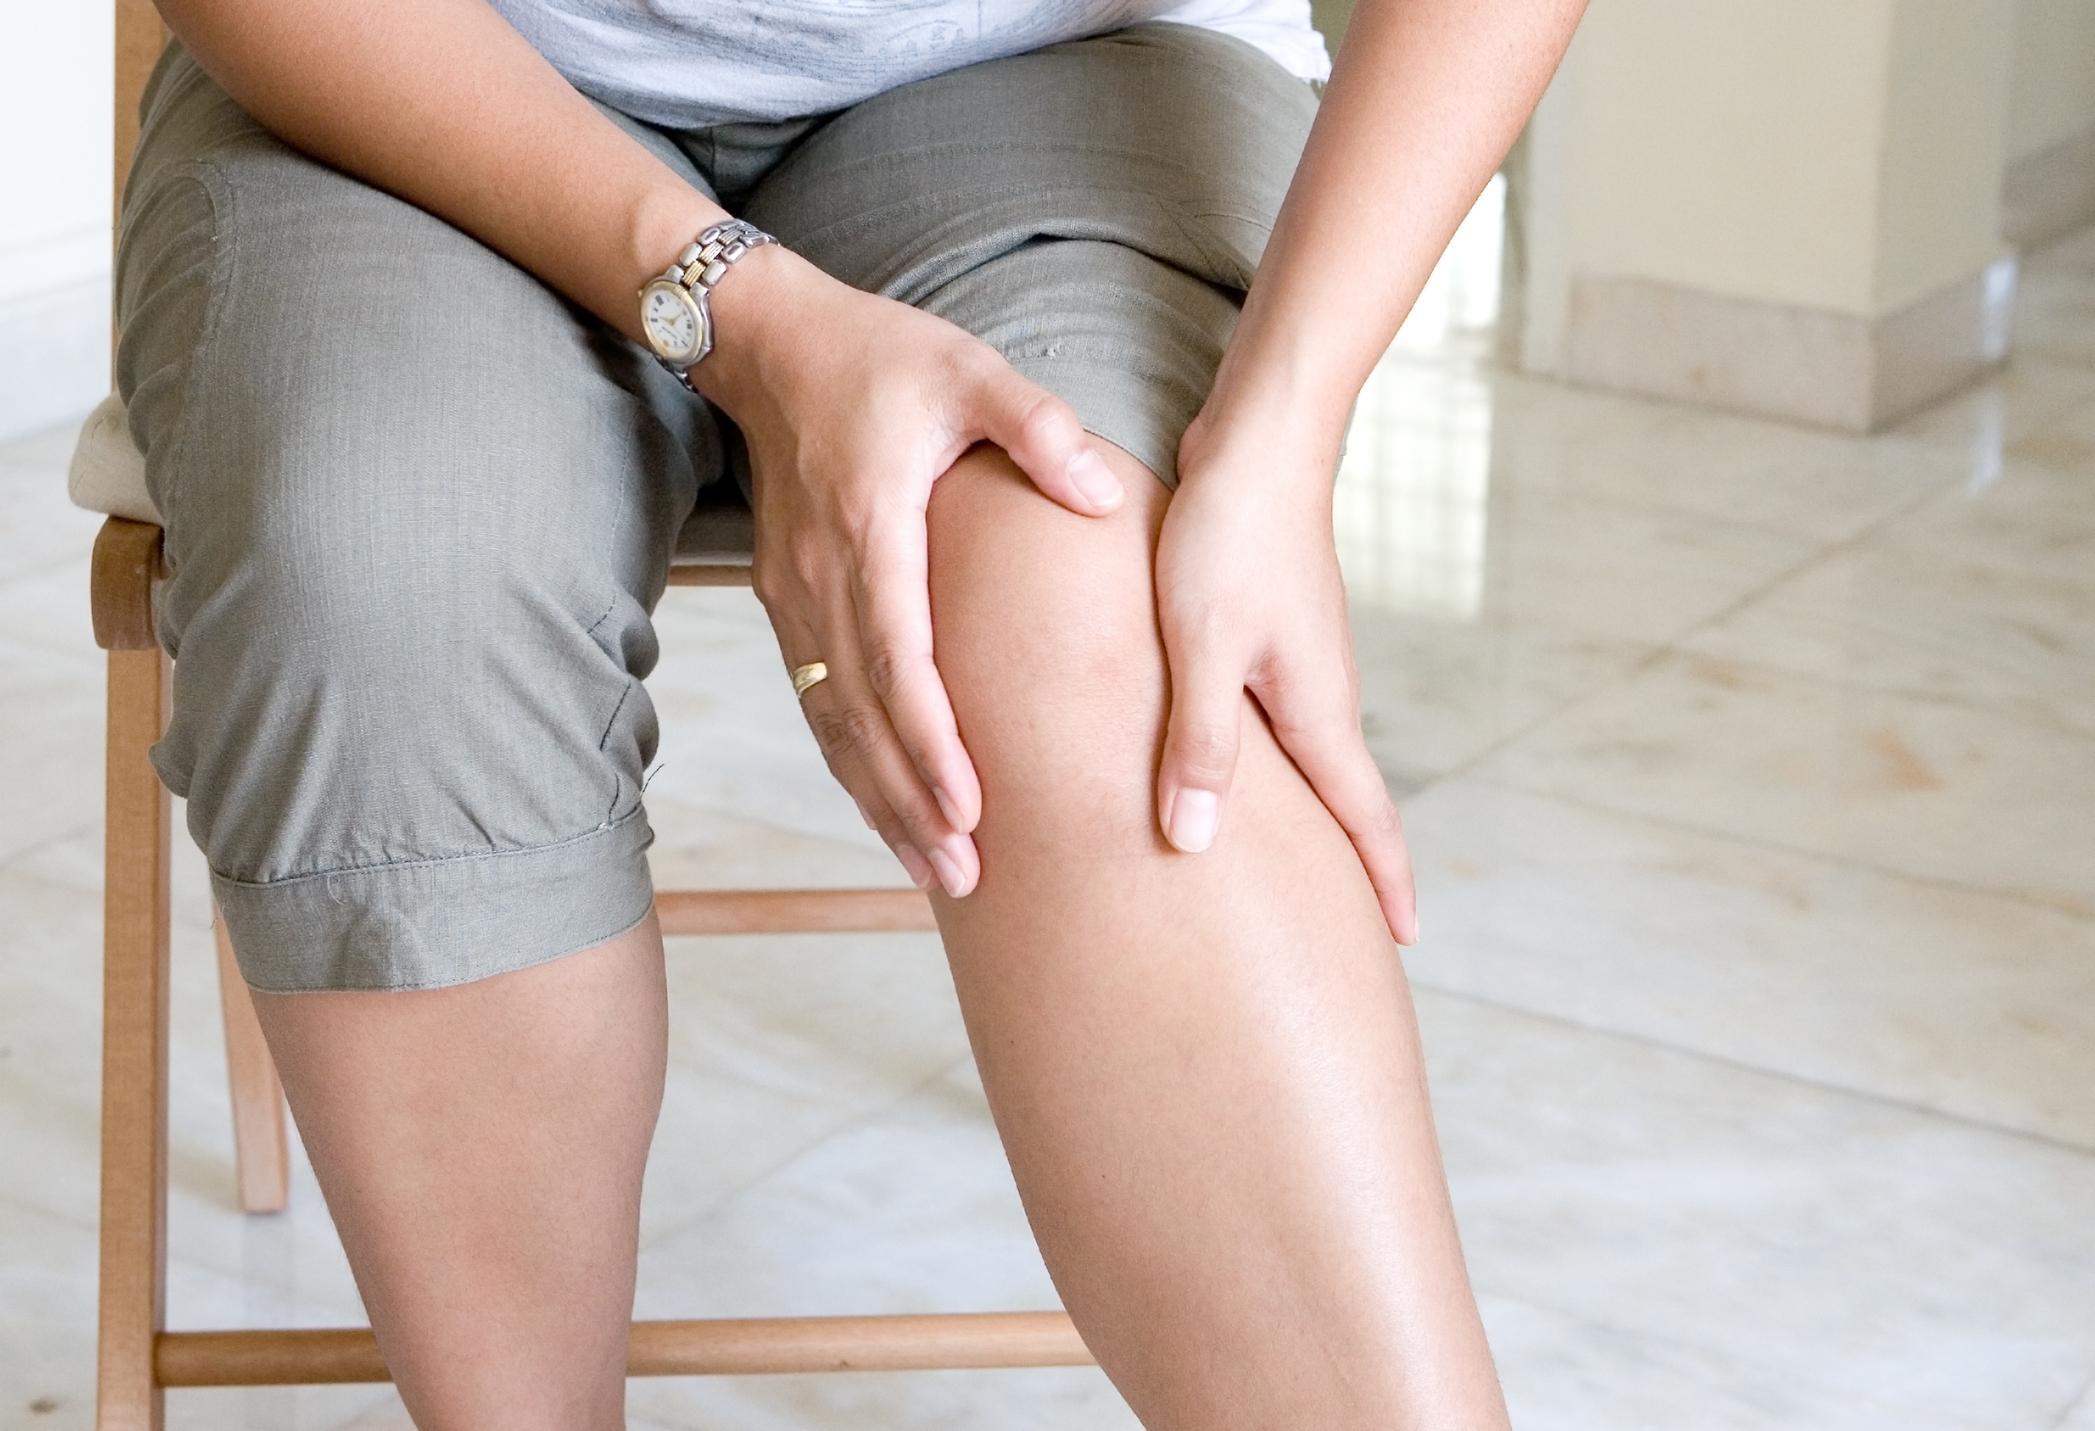 magas vérnyomásecet a lábakon magas vérnyomás tünetei-vese